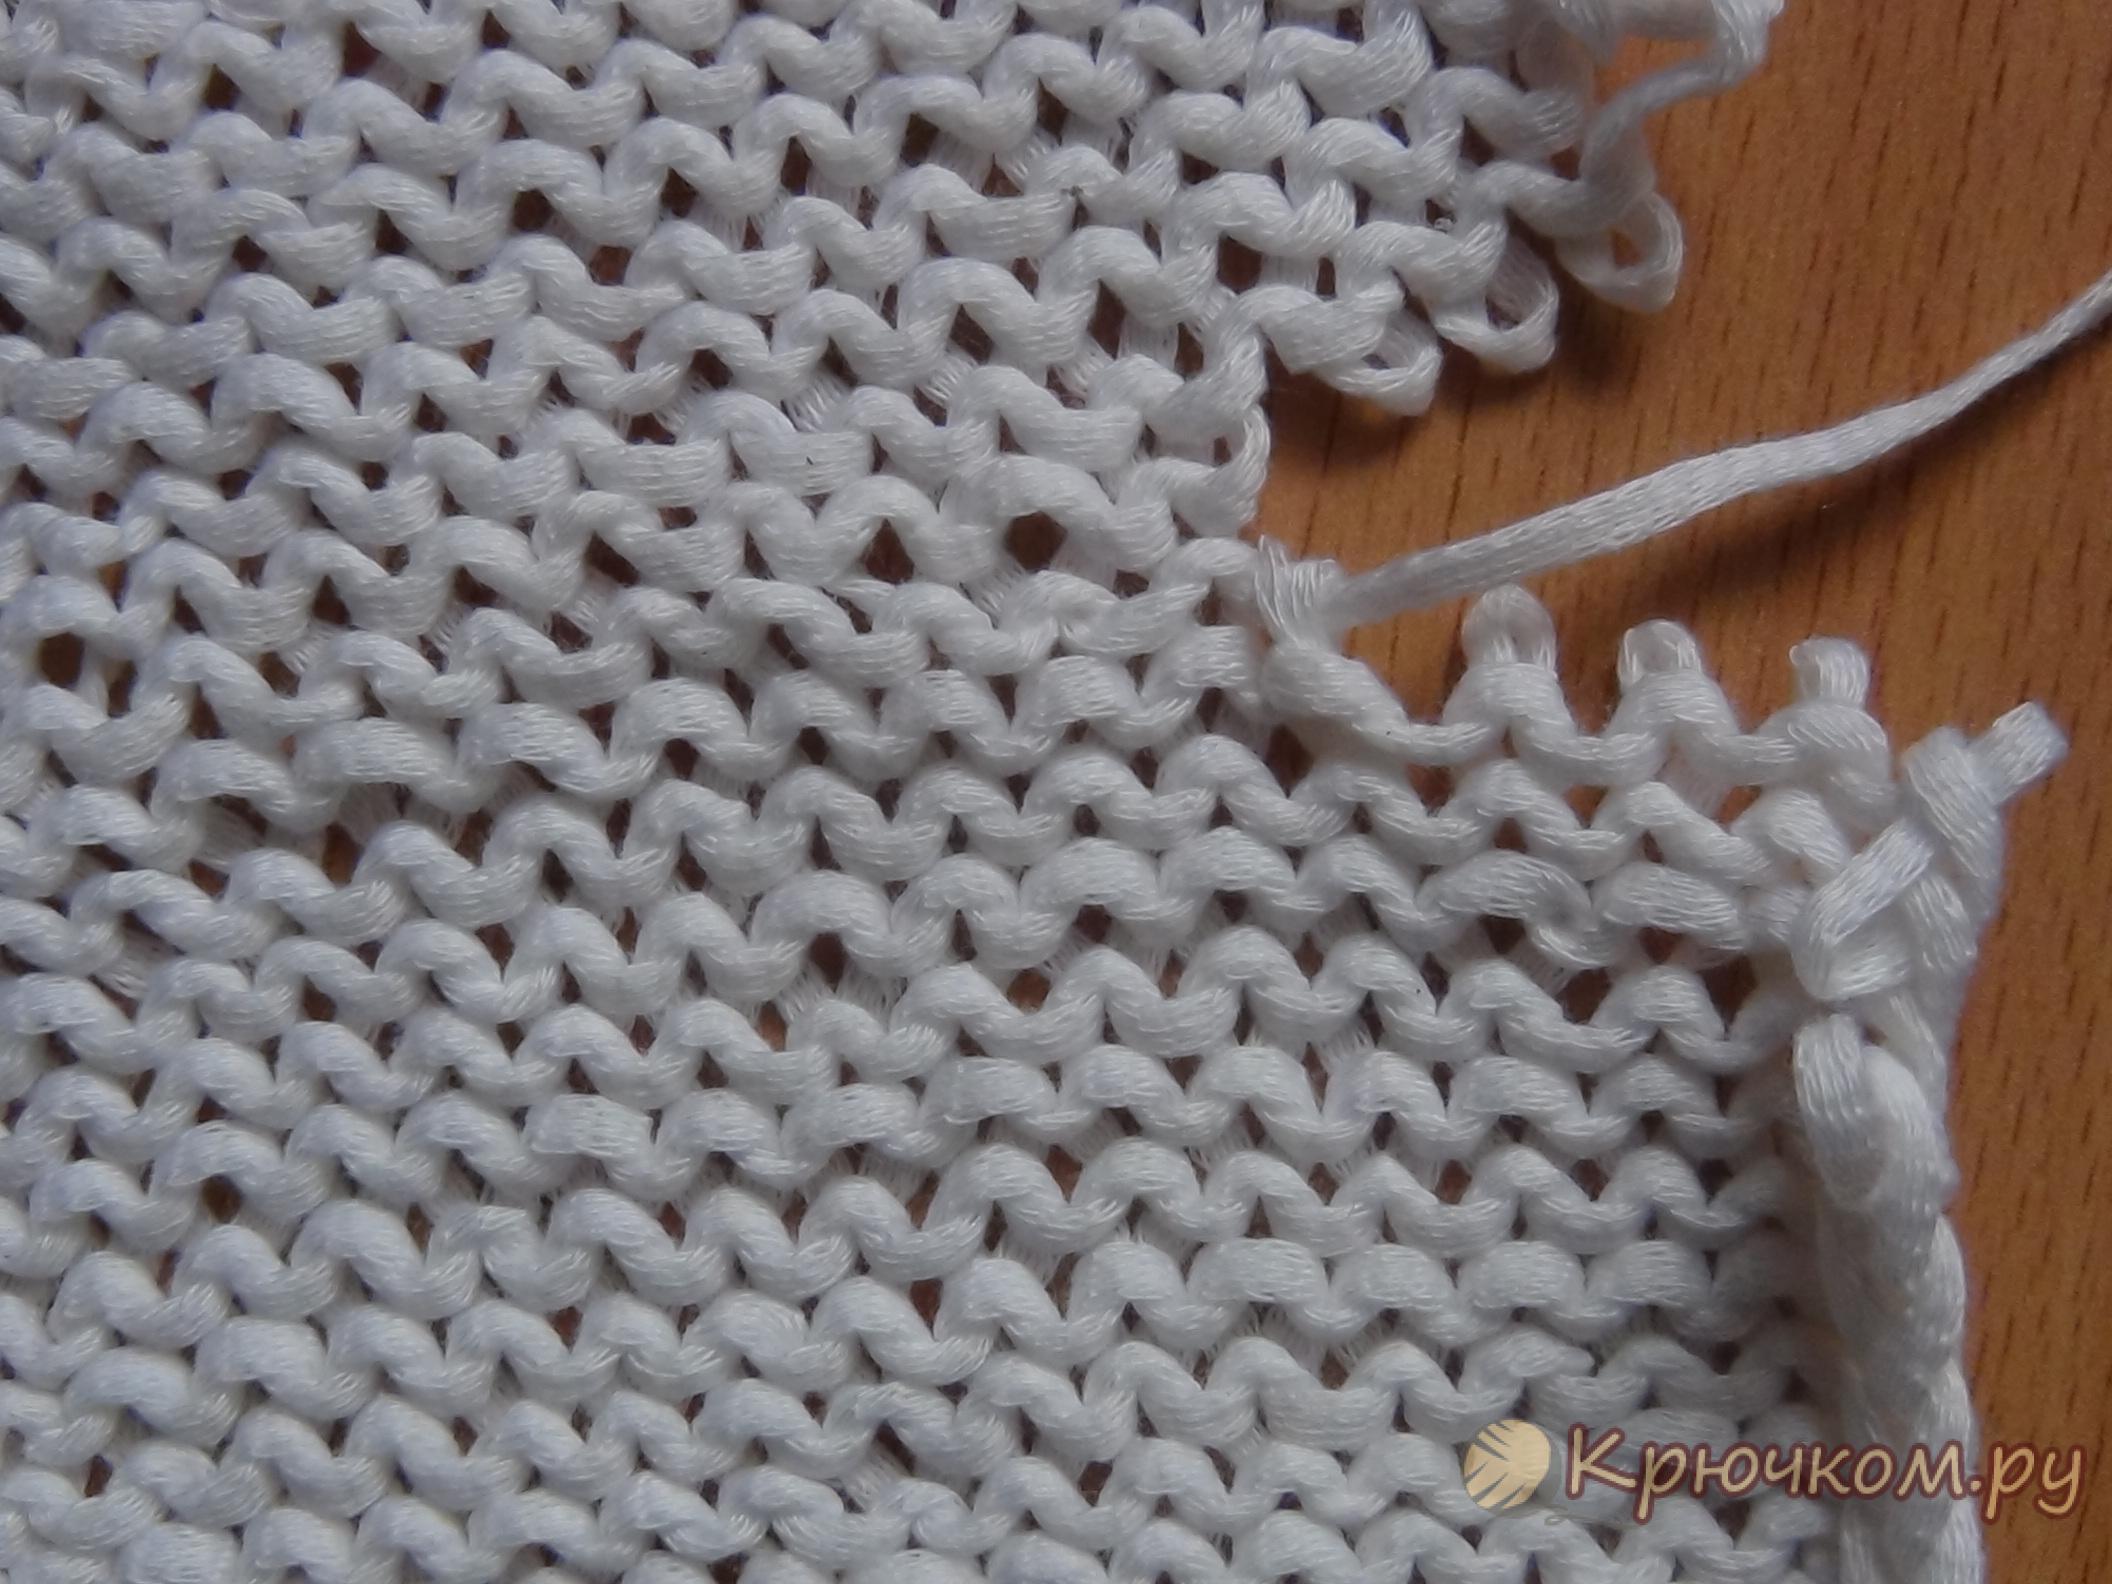 Как сшить детали, связанные спицами (фото мастер-класс)